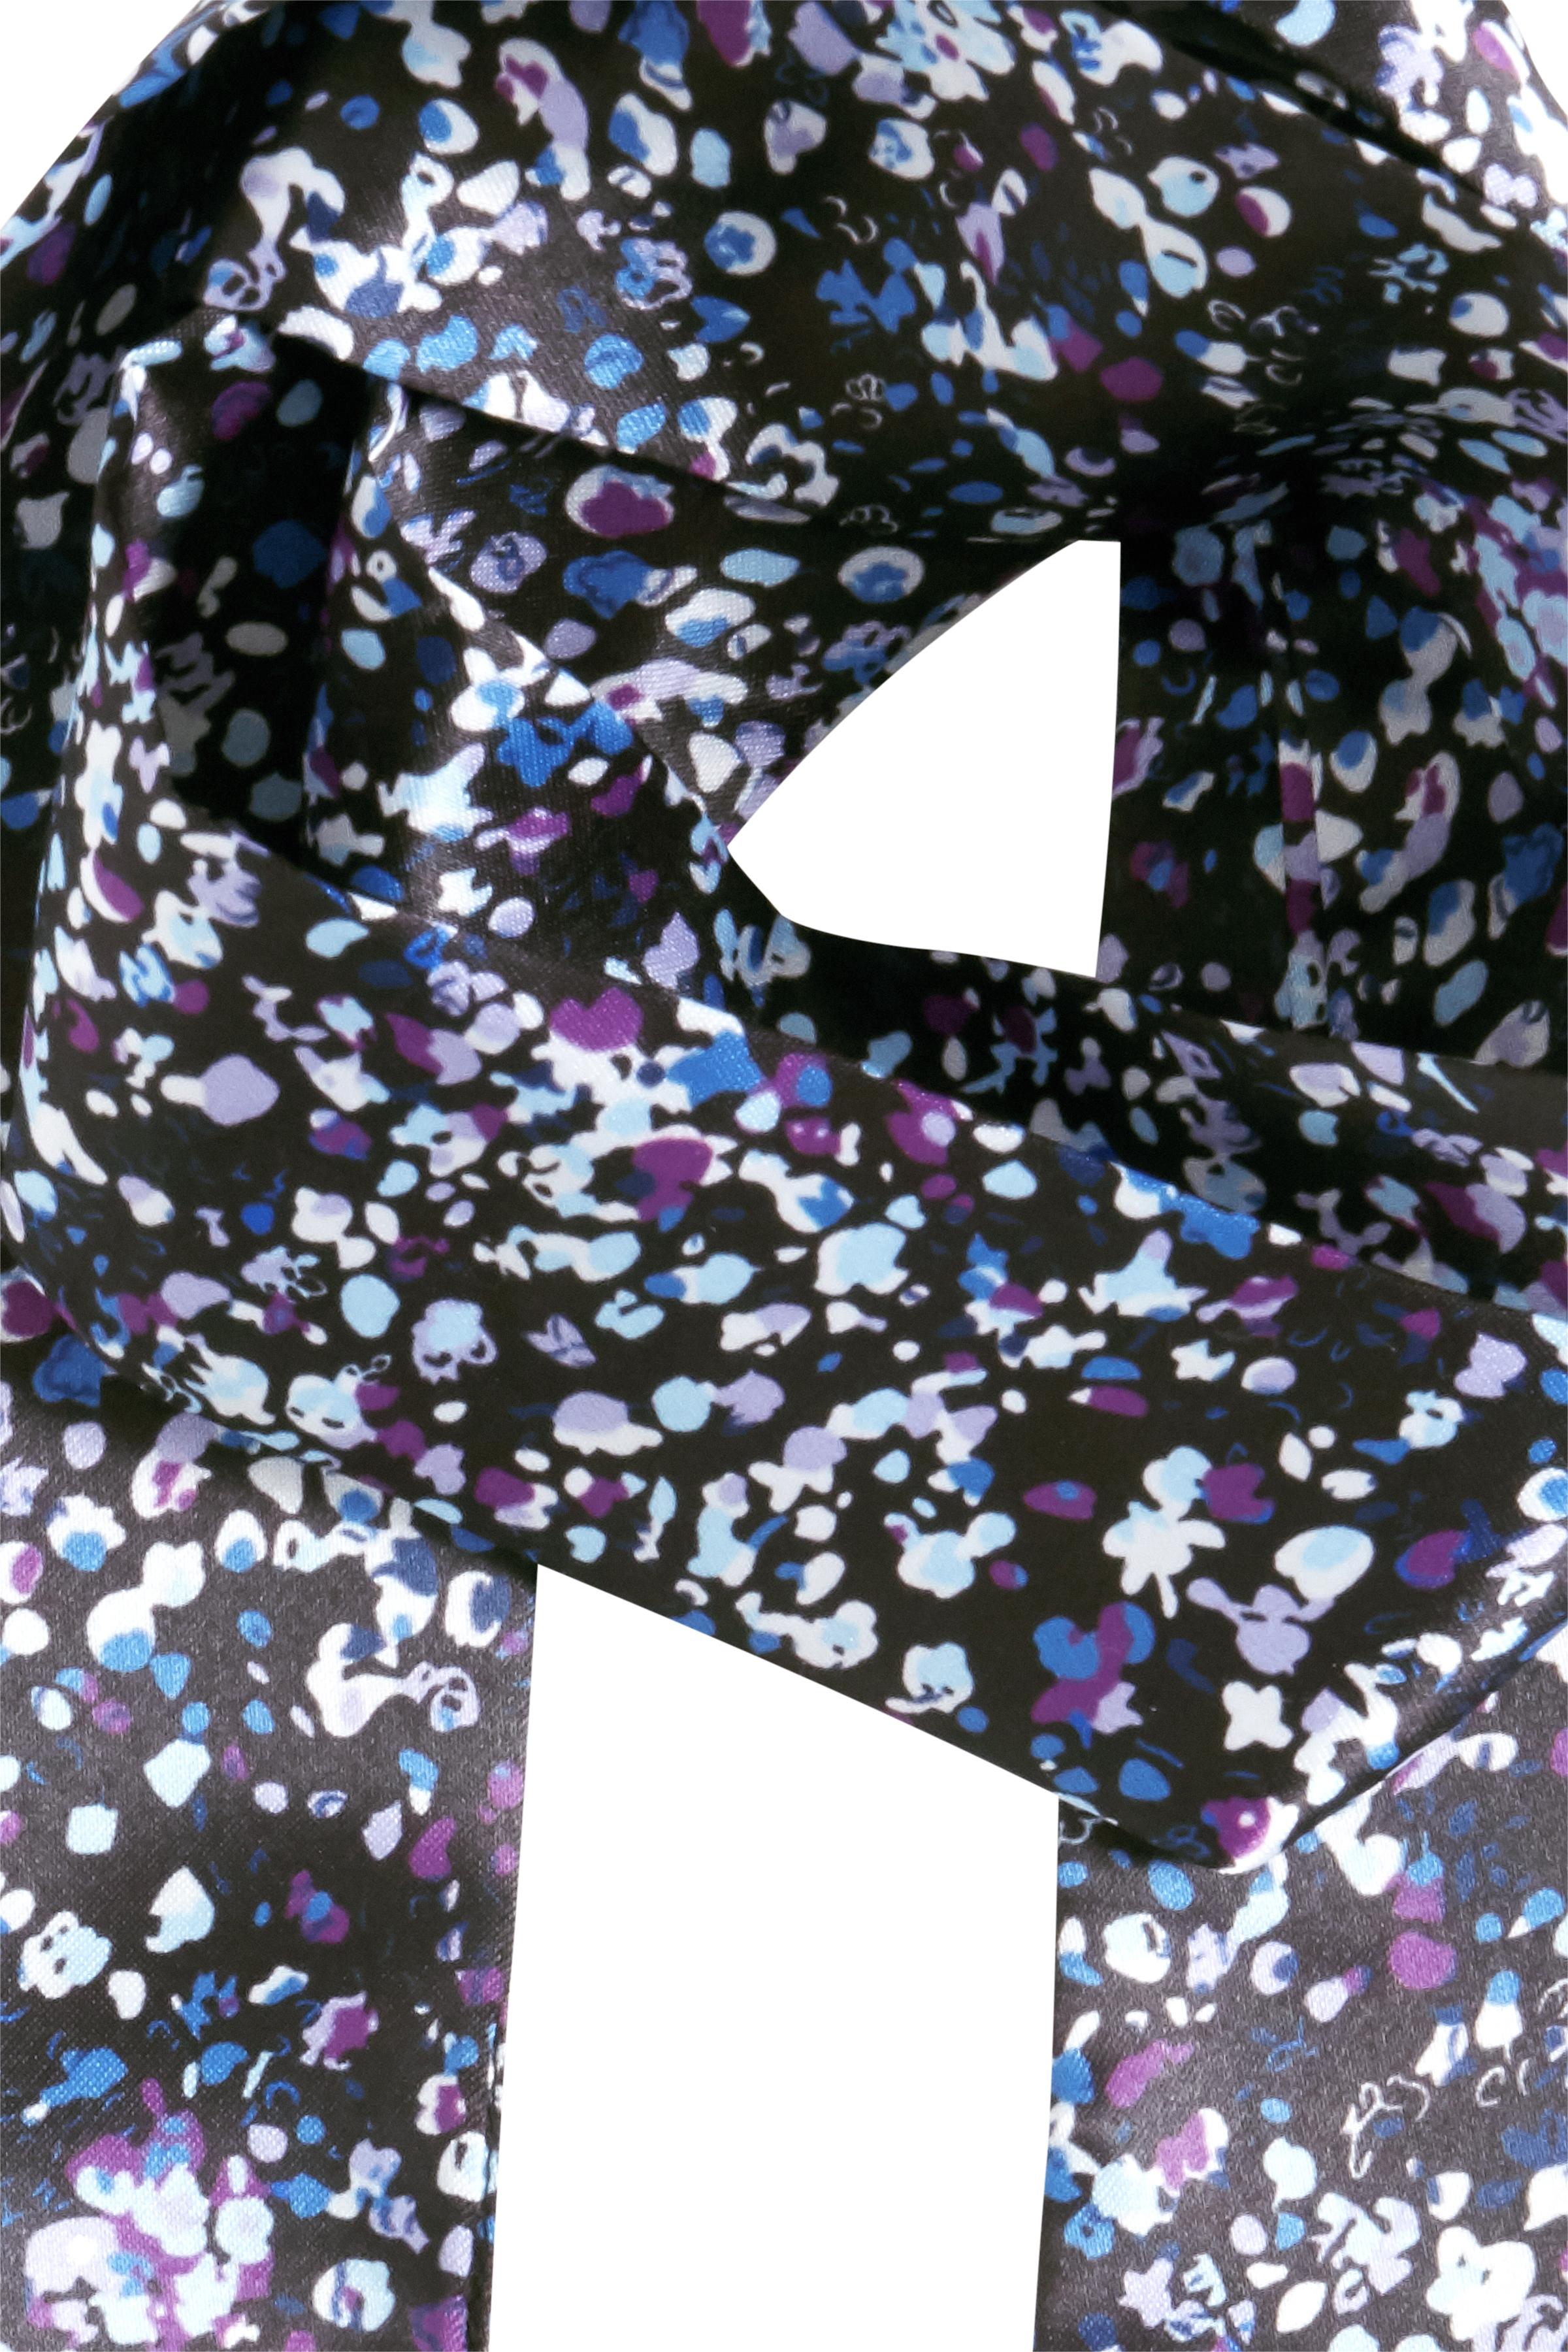 Schwarz/lila Tuch von Dranella – Shoppen Sie Schwarz/lila Tuch ab Gr. ONE hier